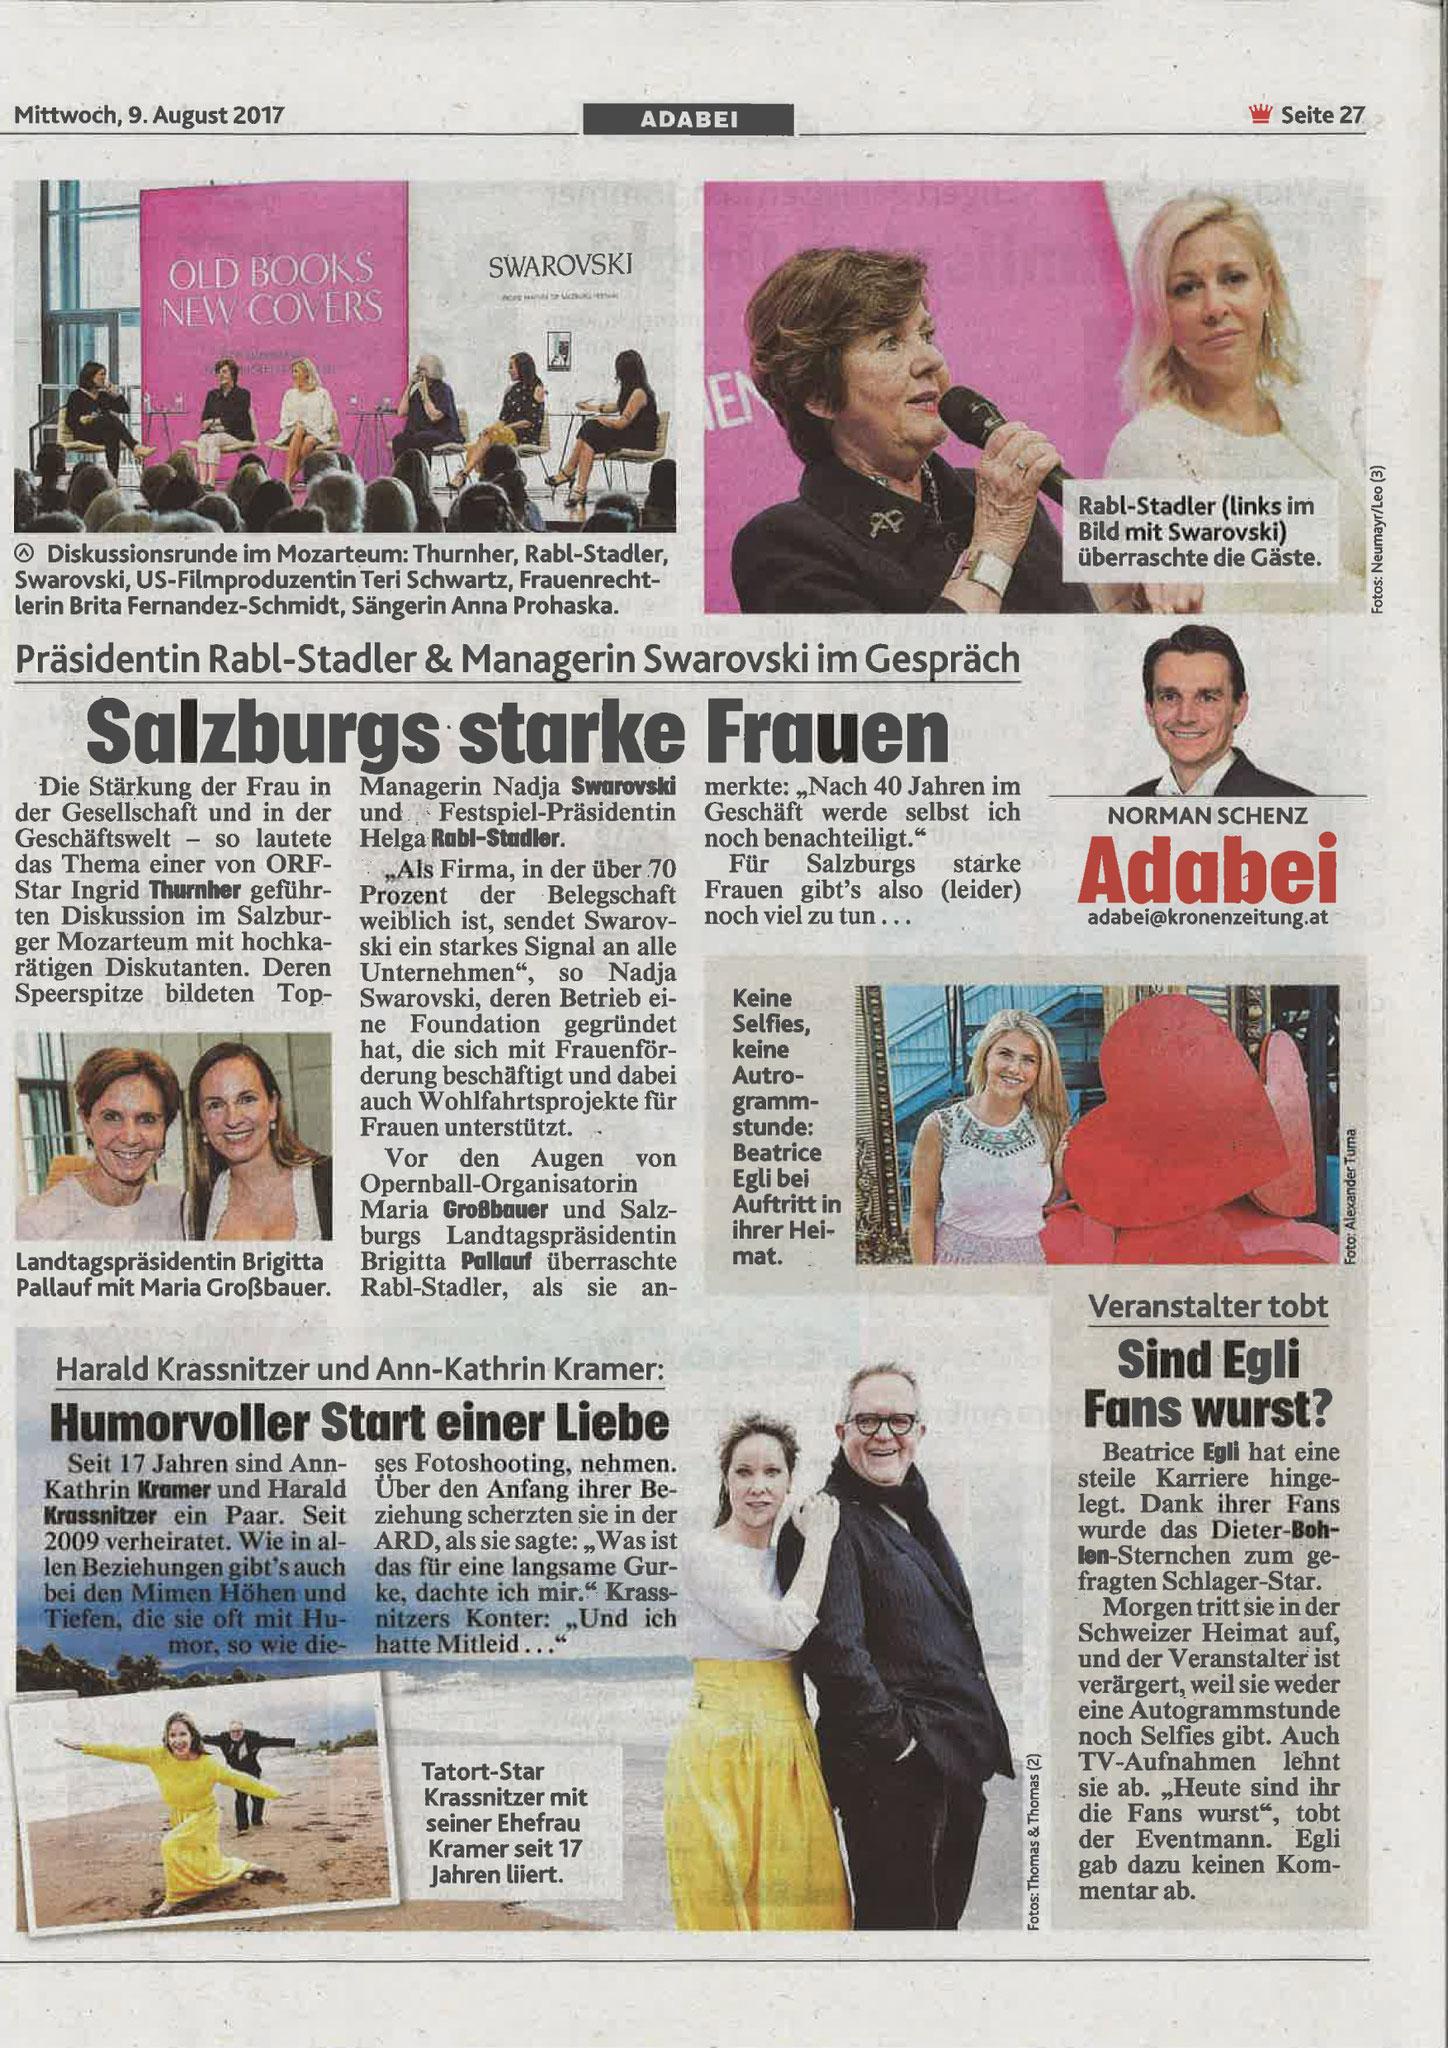 Kronen Zeitung, 9. August 2017